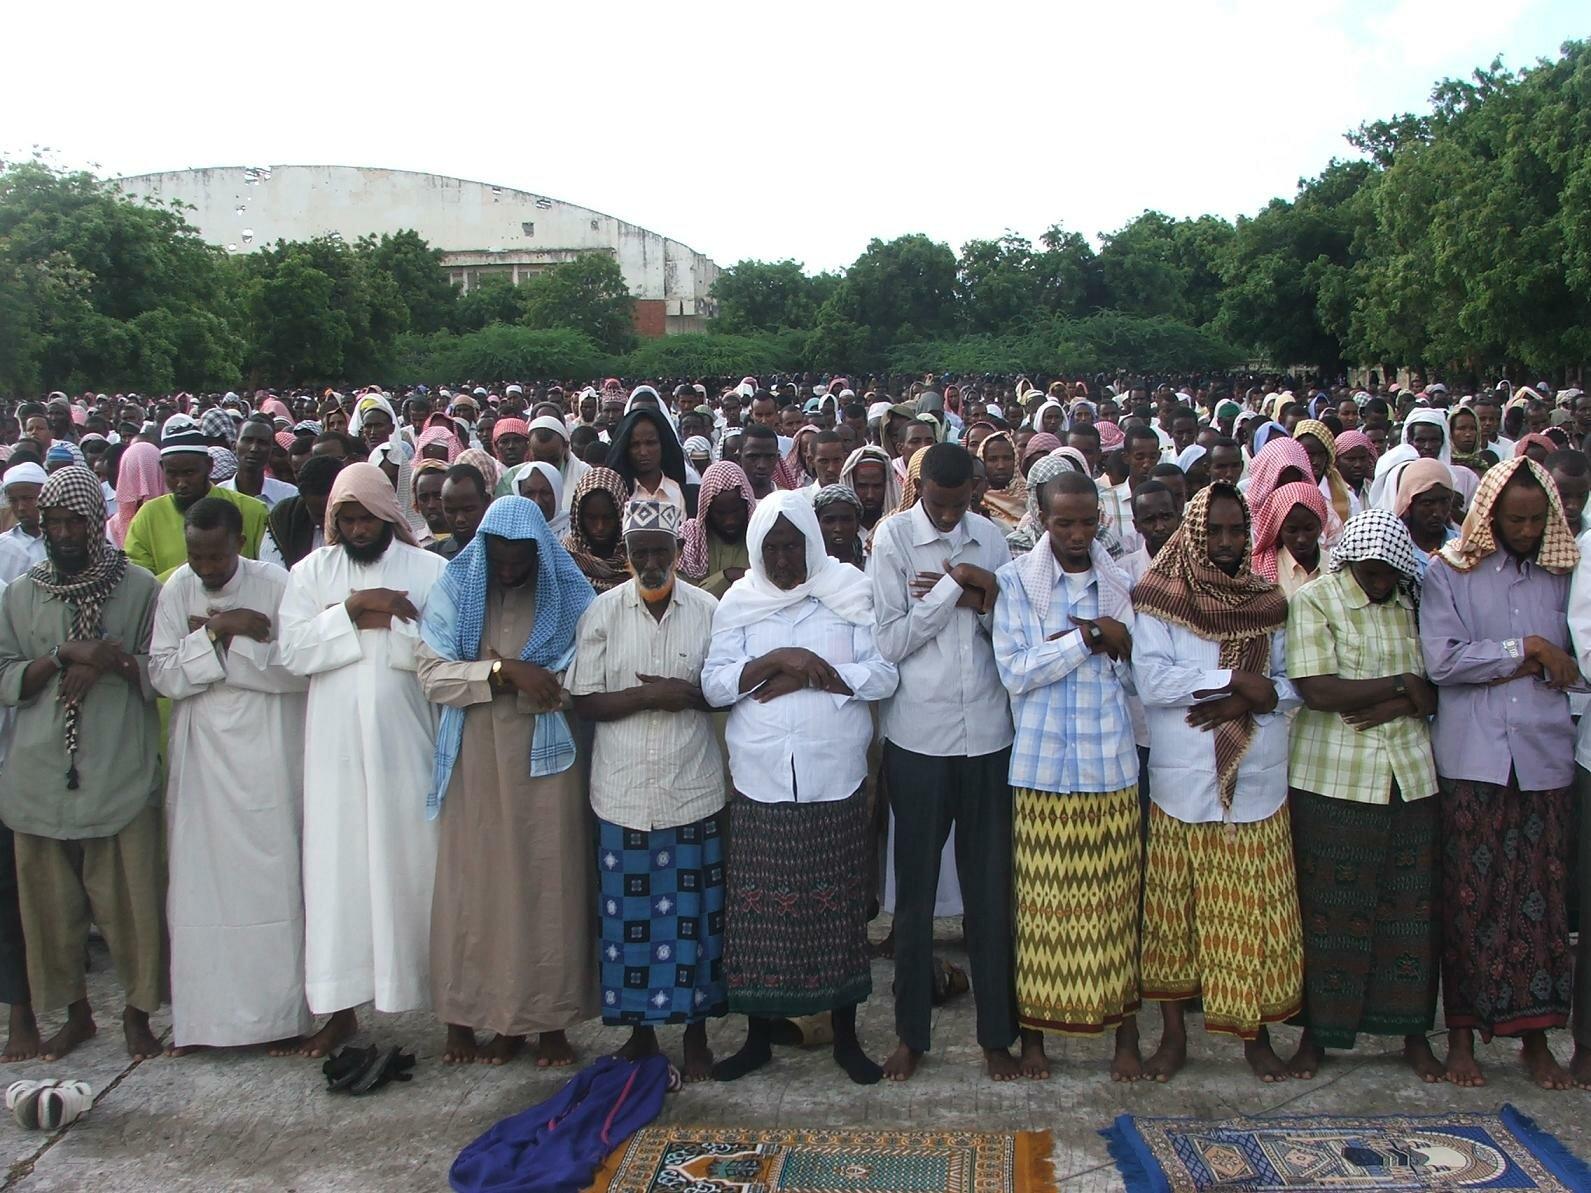 Sida looga ciidday magaalooyinka waaweyn ee Somaliland iyo nuxurka khudbadihii madaxda sare ee qaran